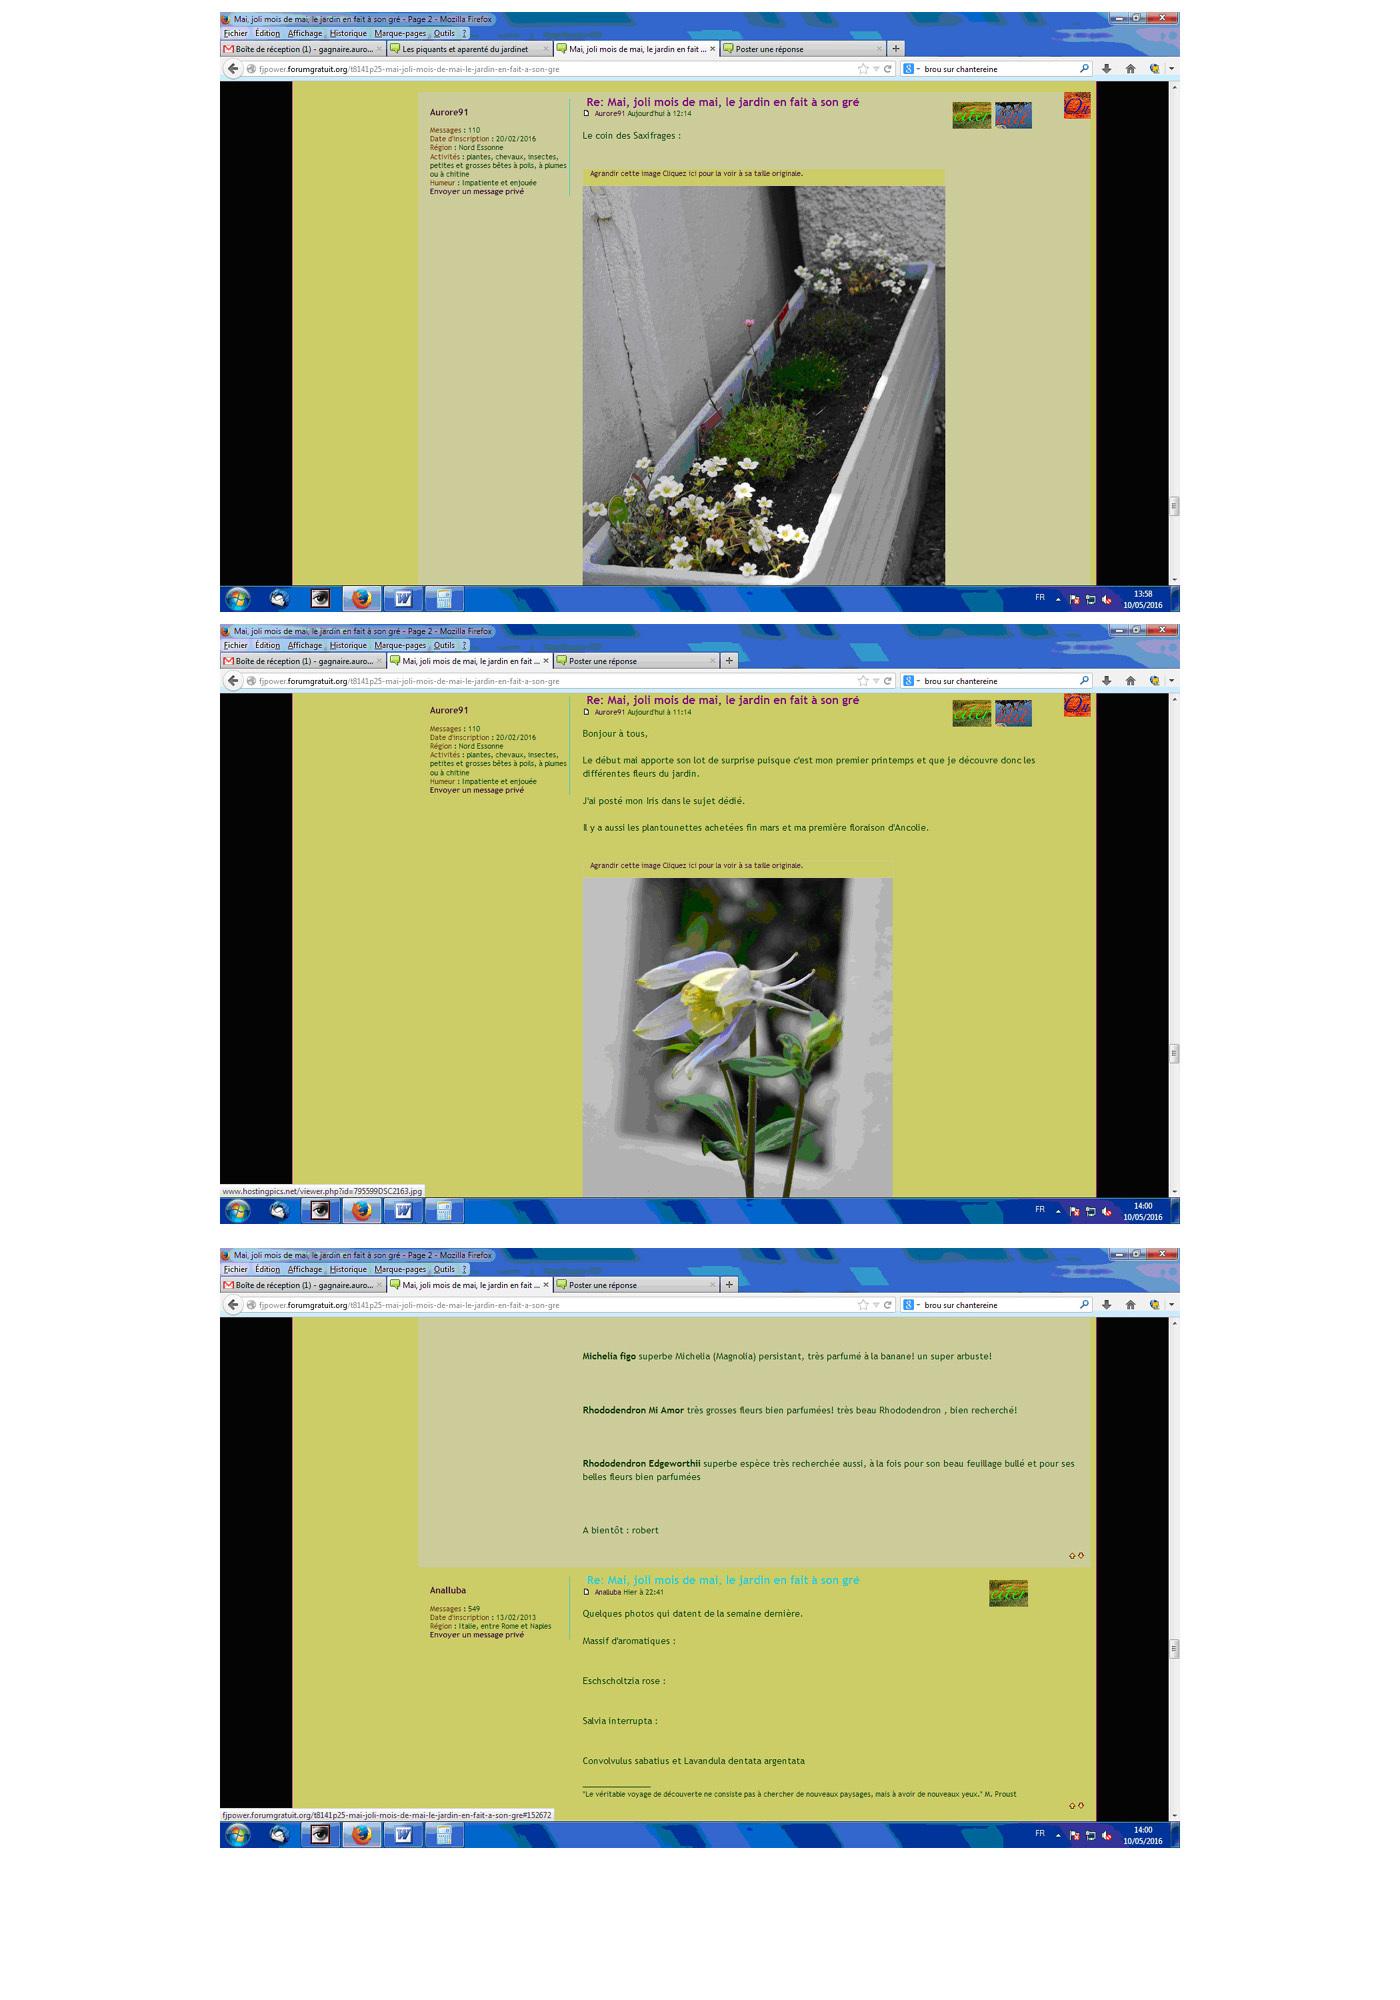 joli mois de mai, le jardin fait à son gré - Page 3 638503soucisaffichage